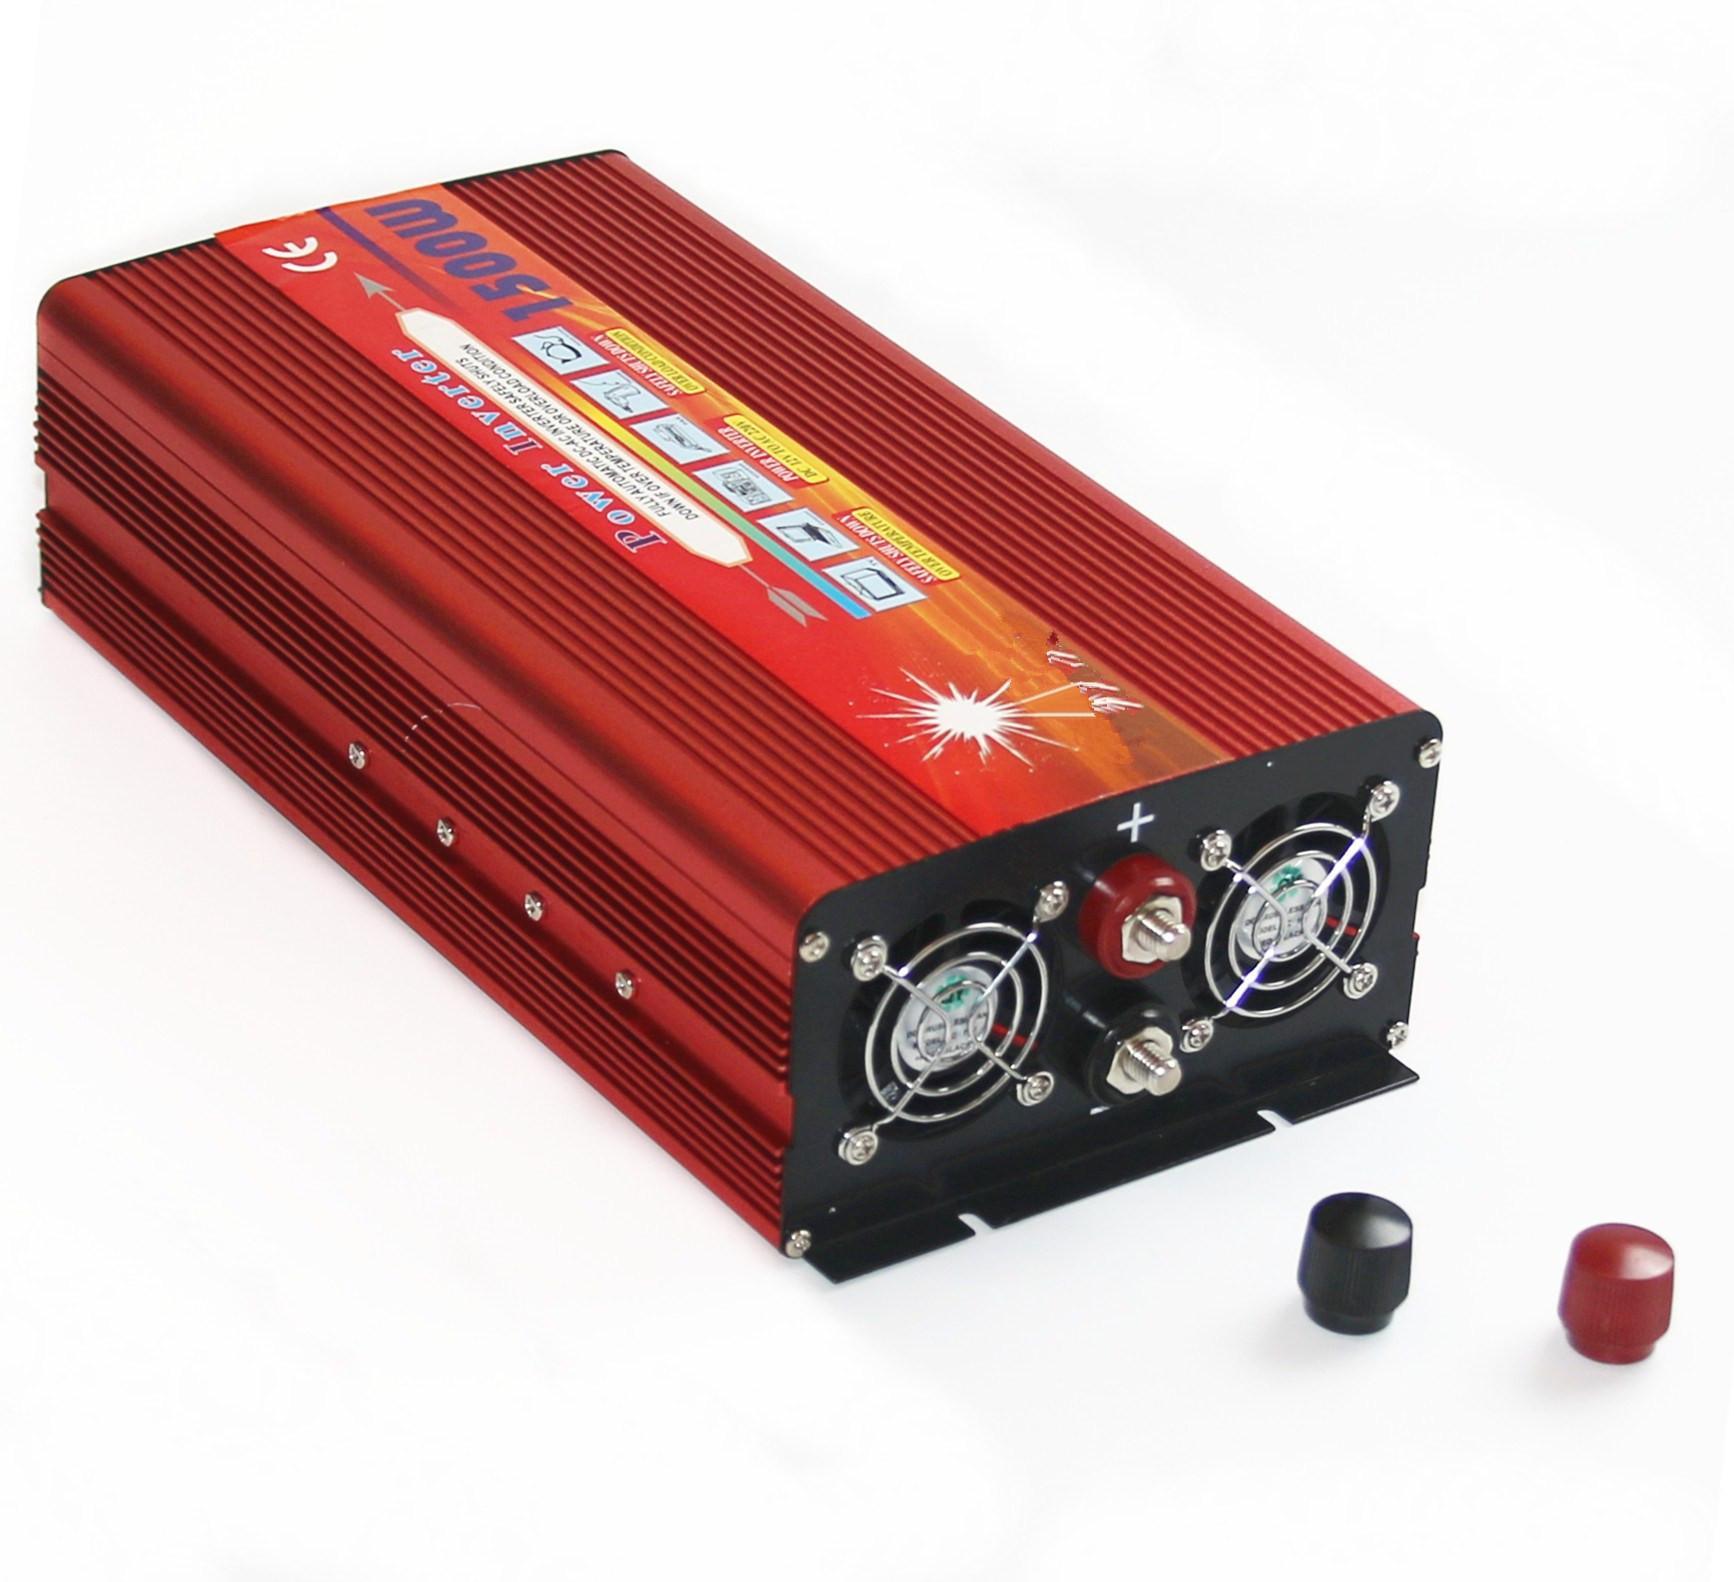 厂家直销 修正波大功率逆变器 12V24V1500W双风扇家用逆变器